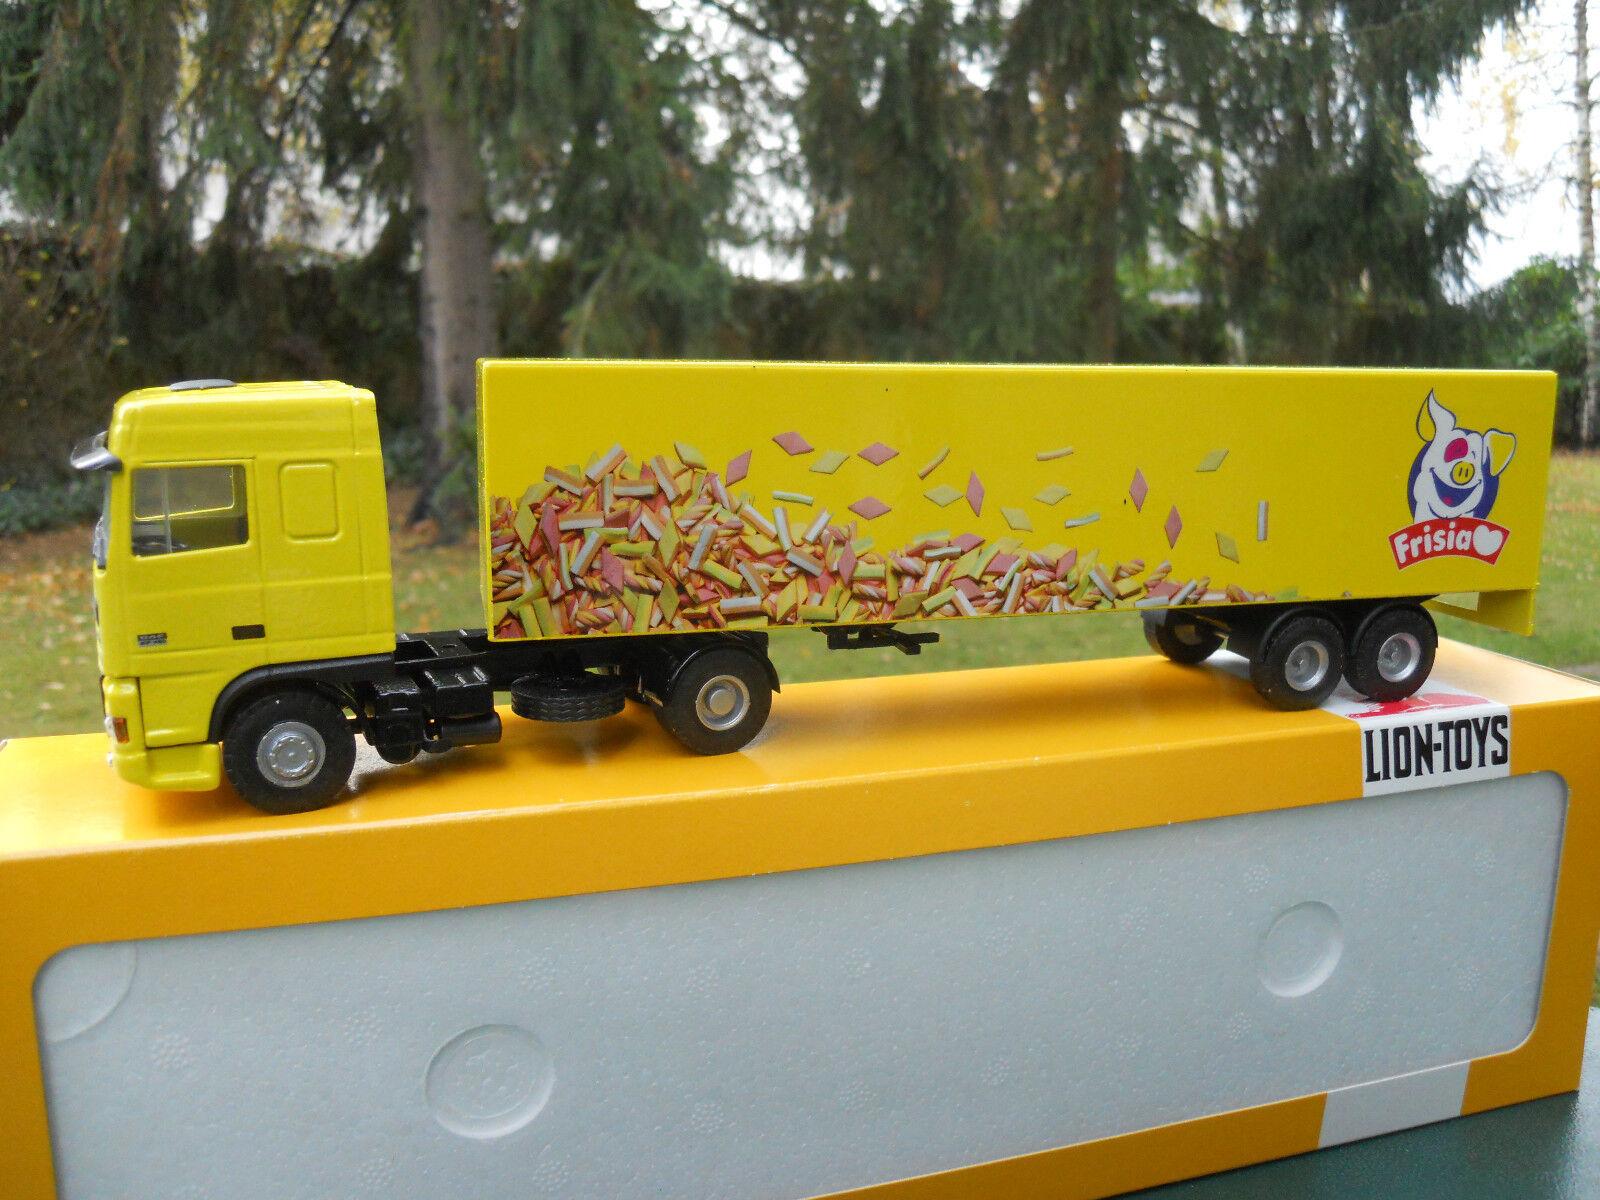 LEóN TOYS 1 50 50 50 DAF 95 XF + SEMIRREMOLQUE CAMIONETA   FRISIA DEL   MINT EN BOX 1e193b